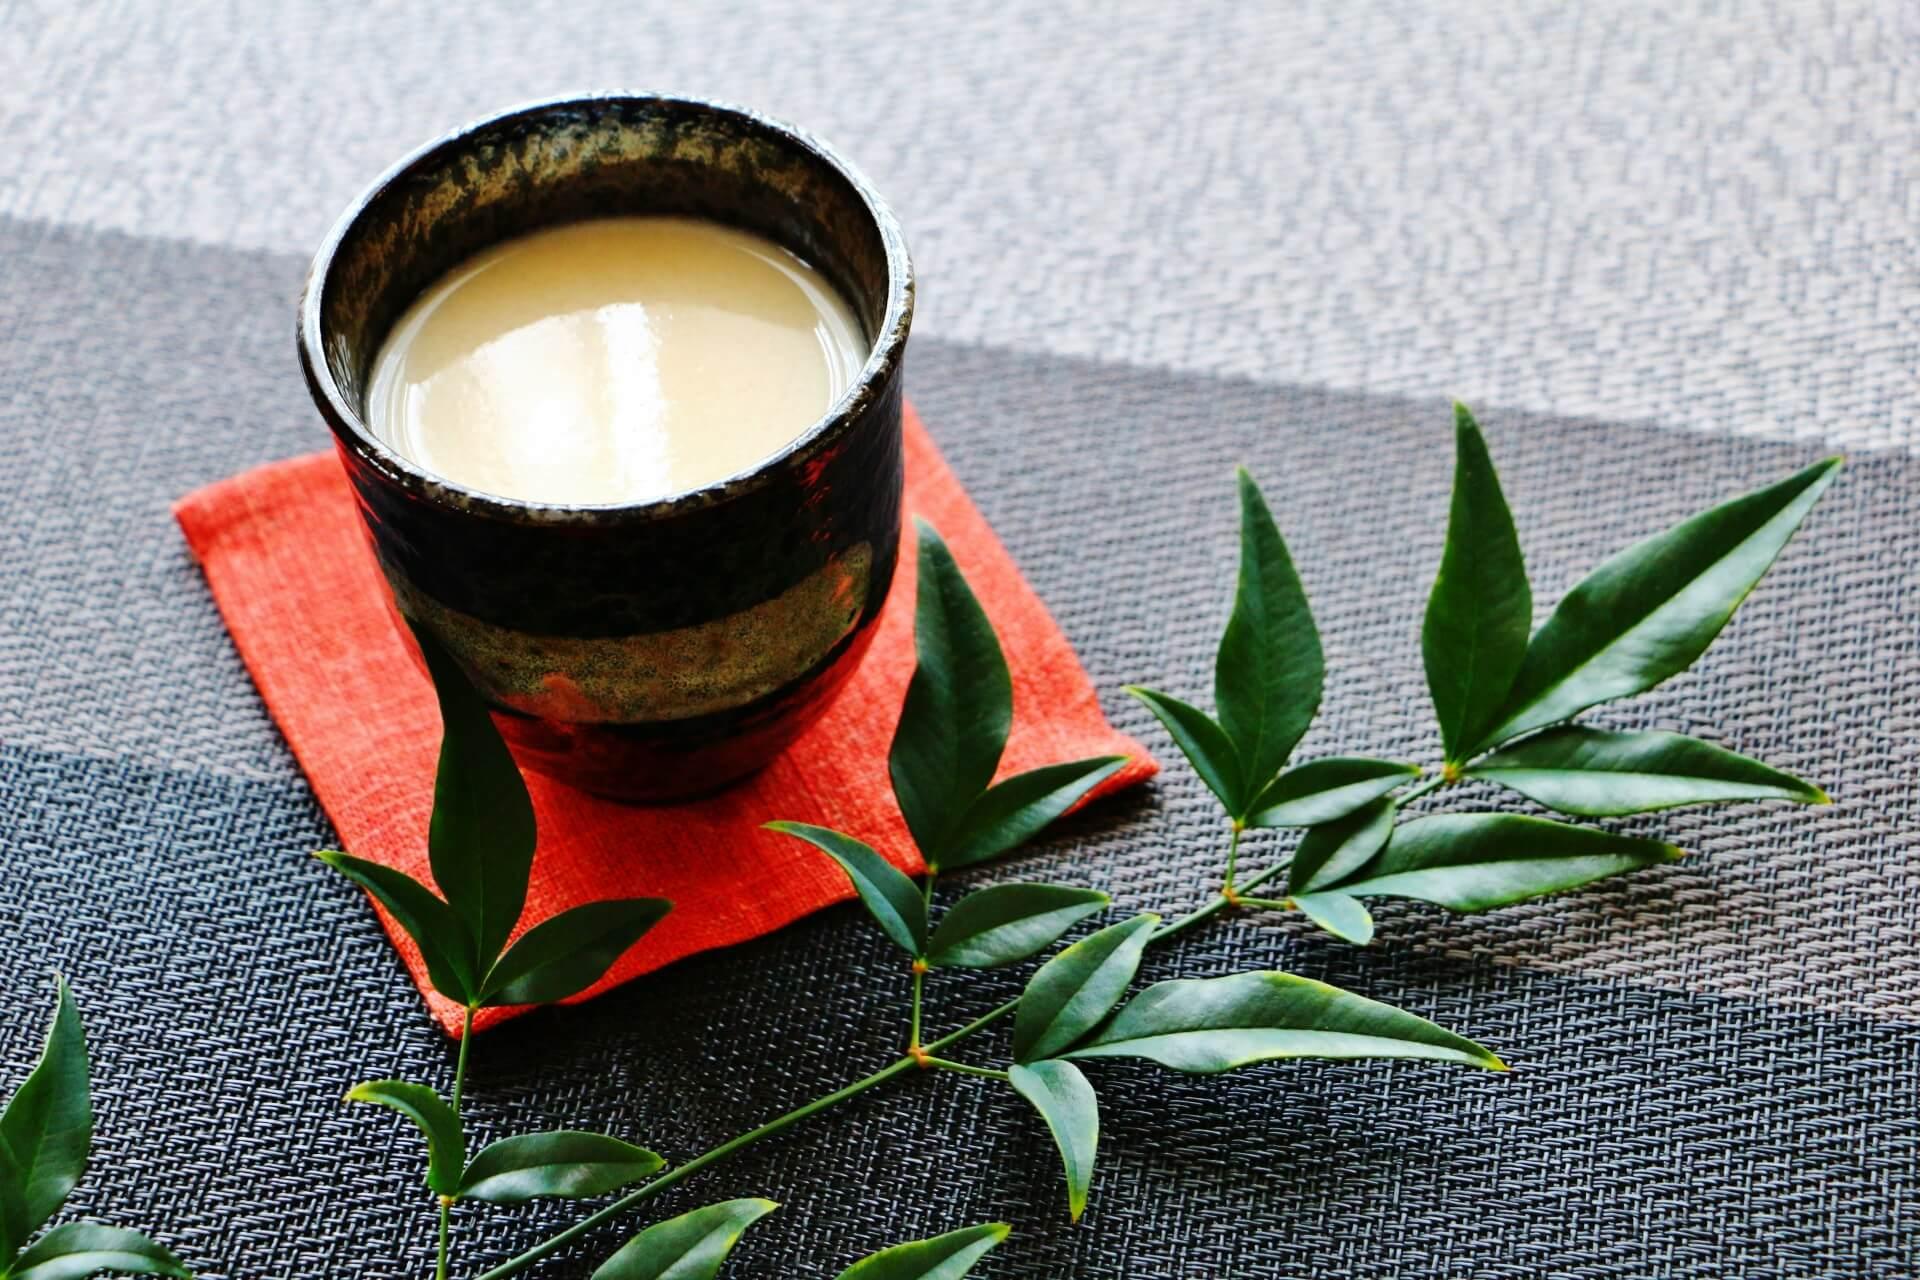 甘酒の効果が酒粕と米麹で違ったり疲労回復や肌に良いと言われたりする理由は?